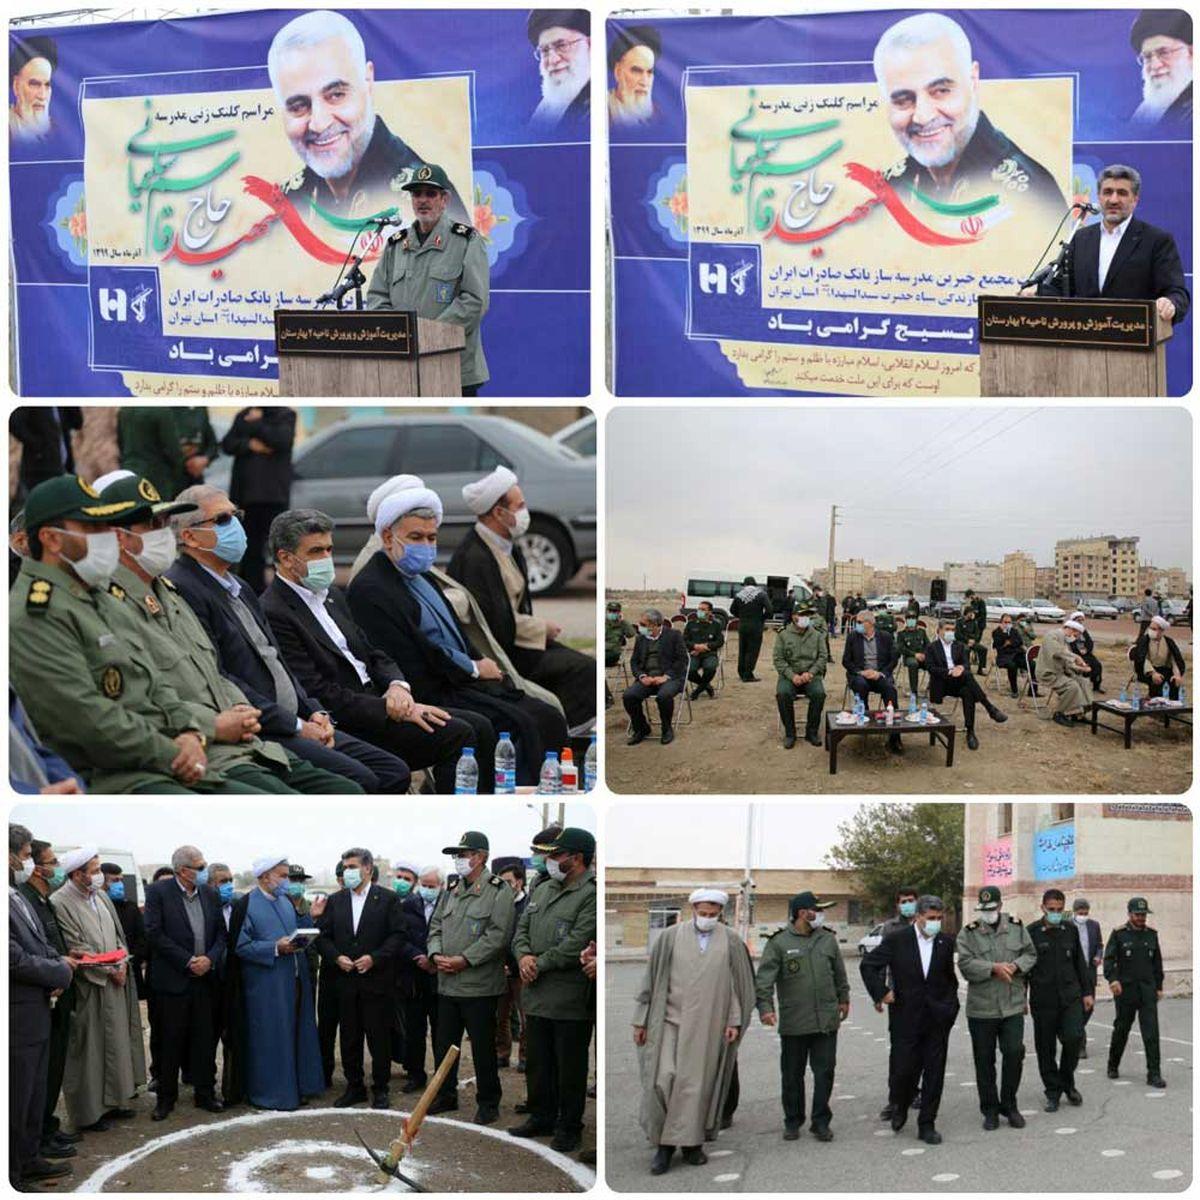 آغاز عملیات احداث مدرسه سردار شهید حاج قاسم سلیمانی روستای خیرآباد توسط بانک صادرات ایران